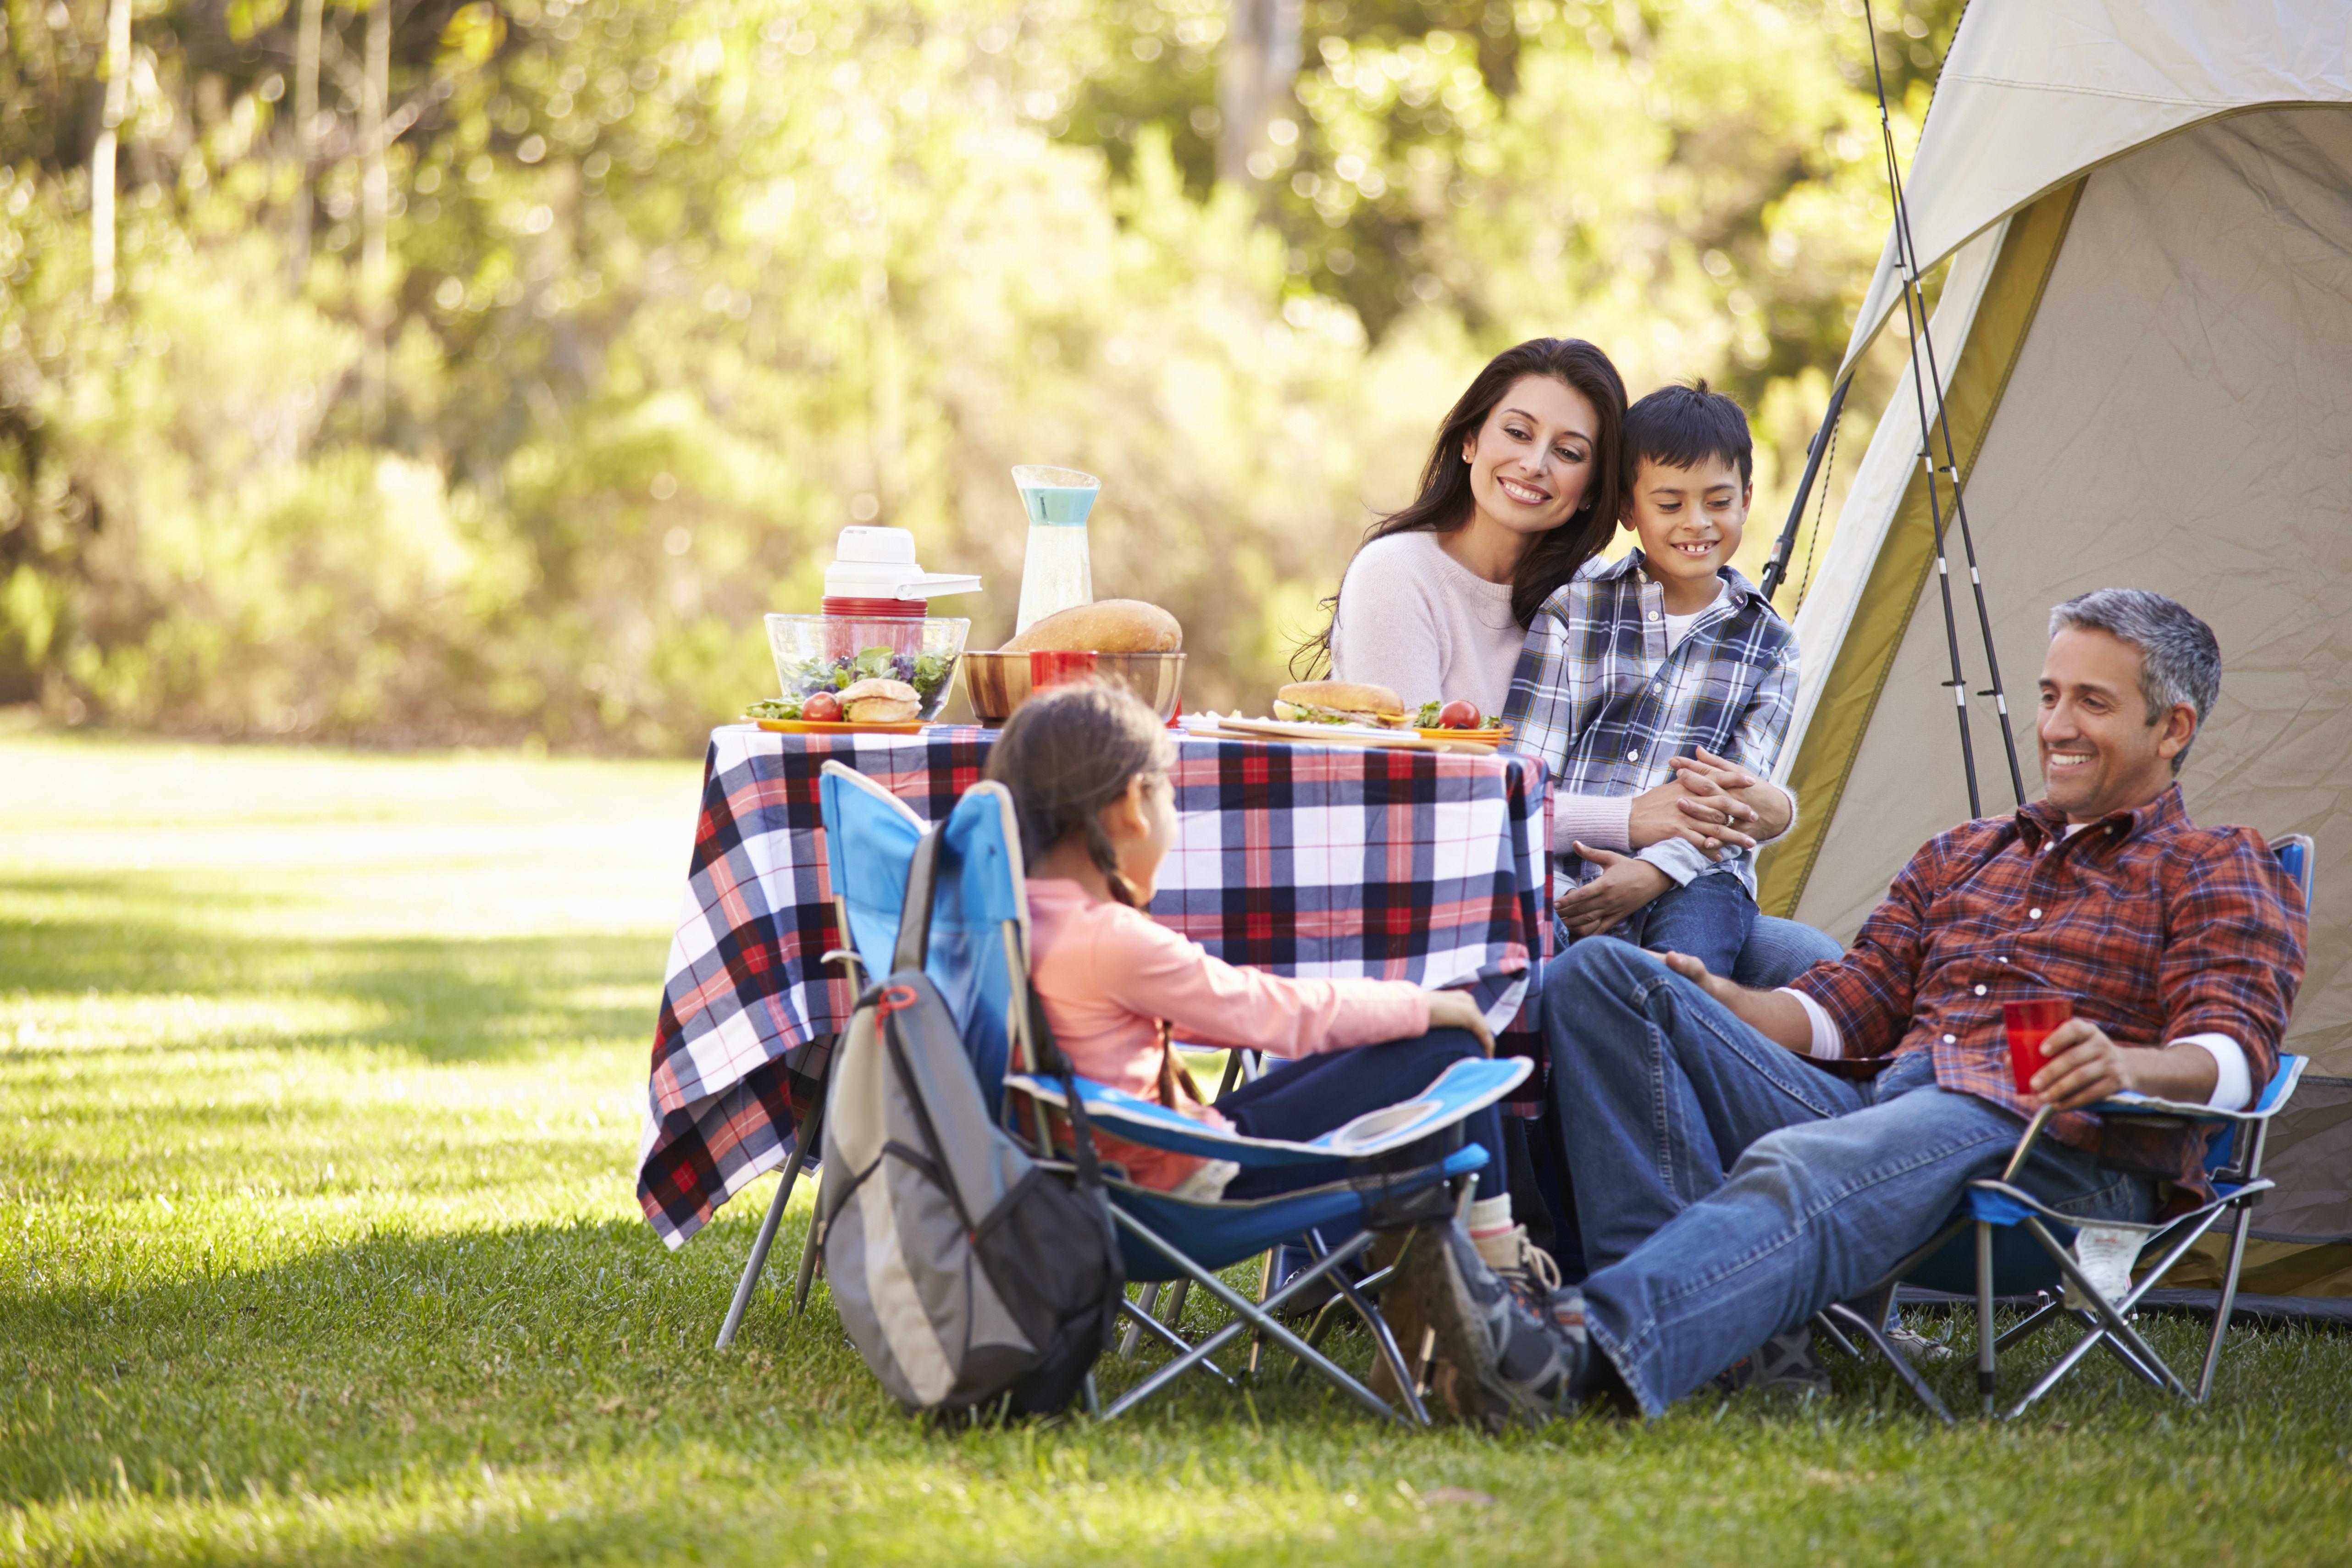 Verano económico: Los 7 mejores lugares para acampar en Estados Unidos